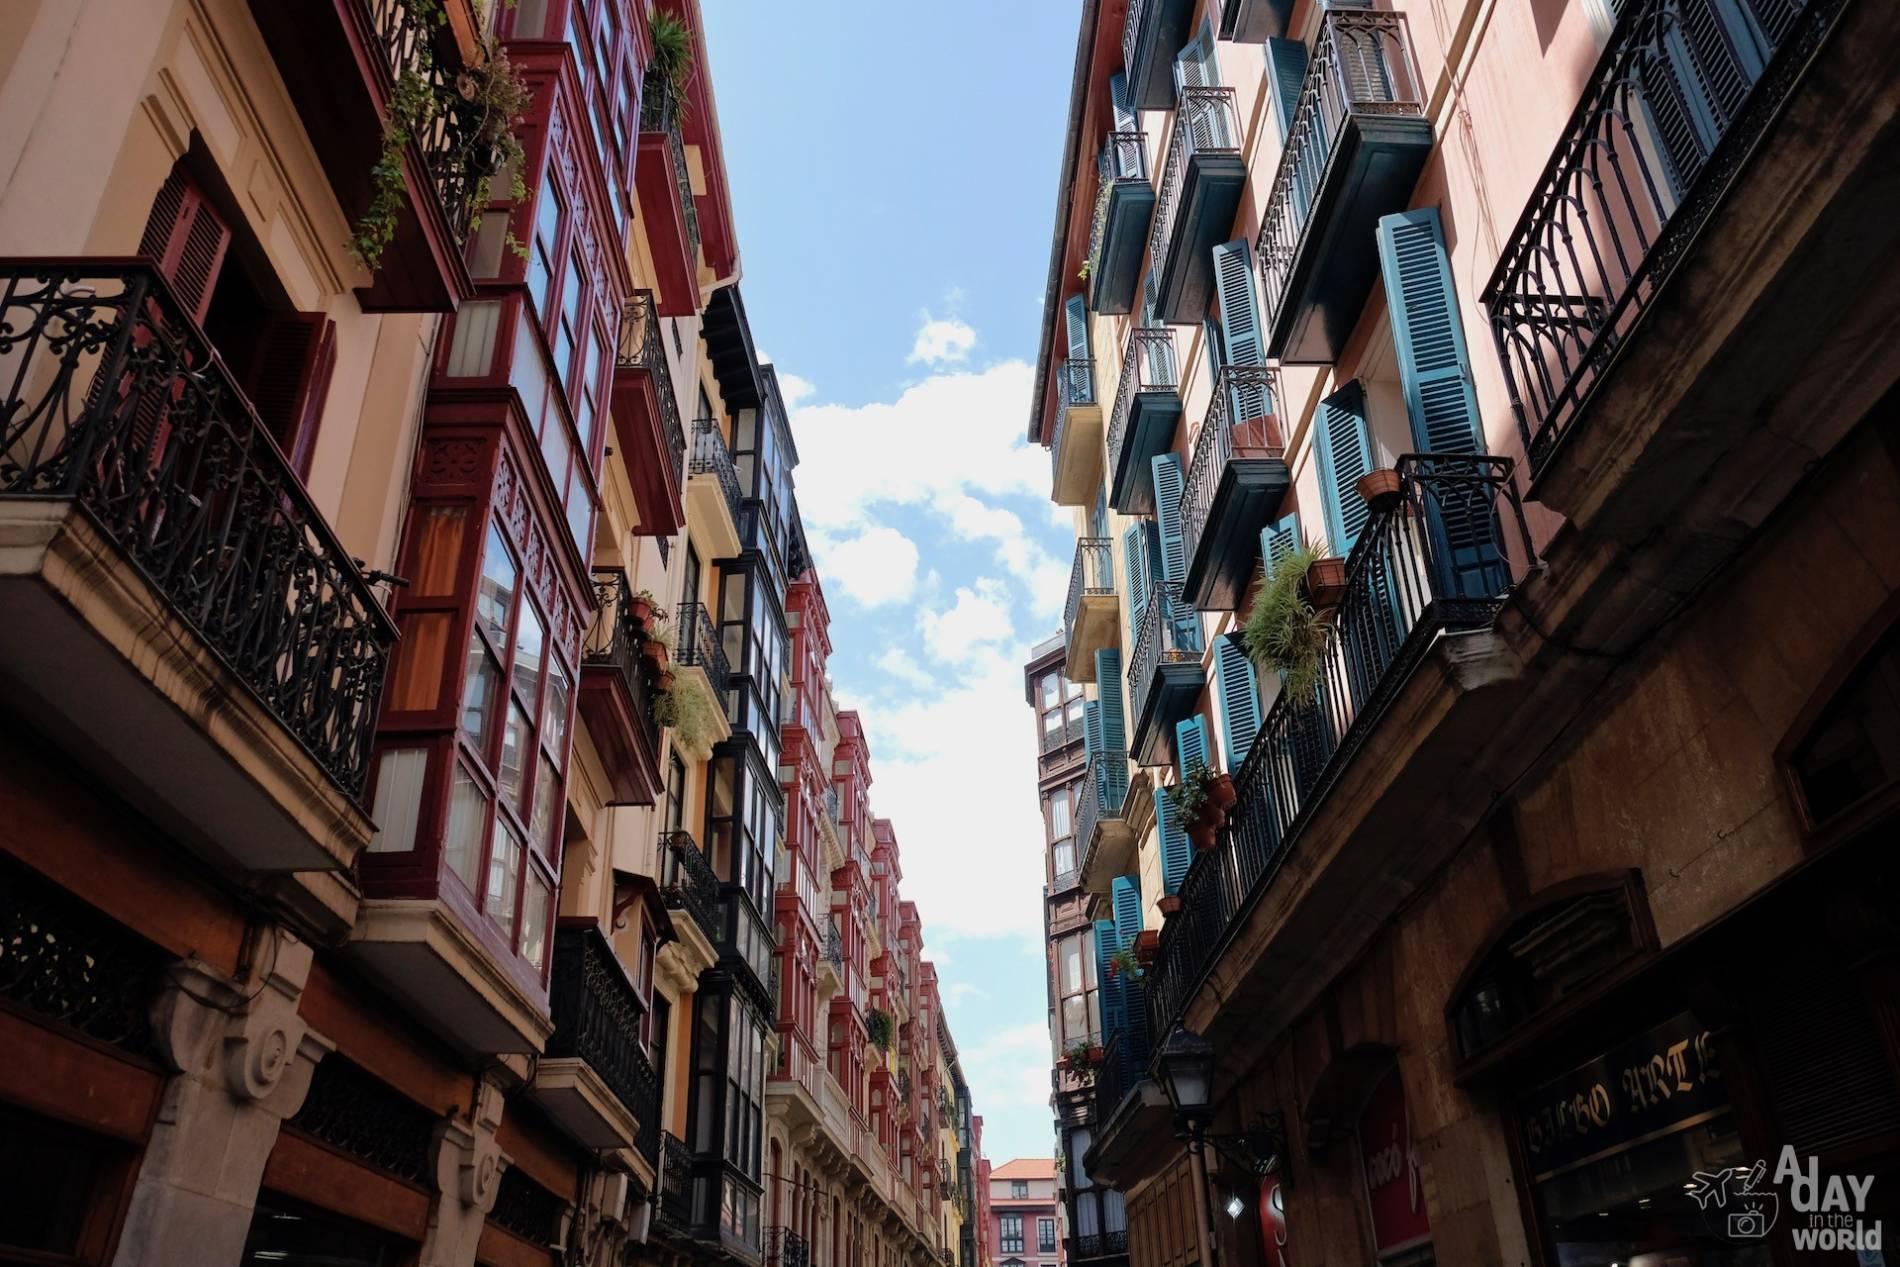 rue casco viejo 4